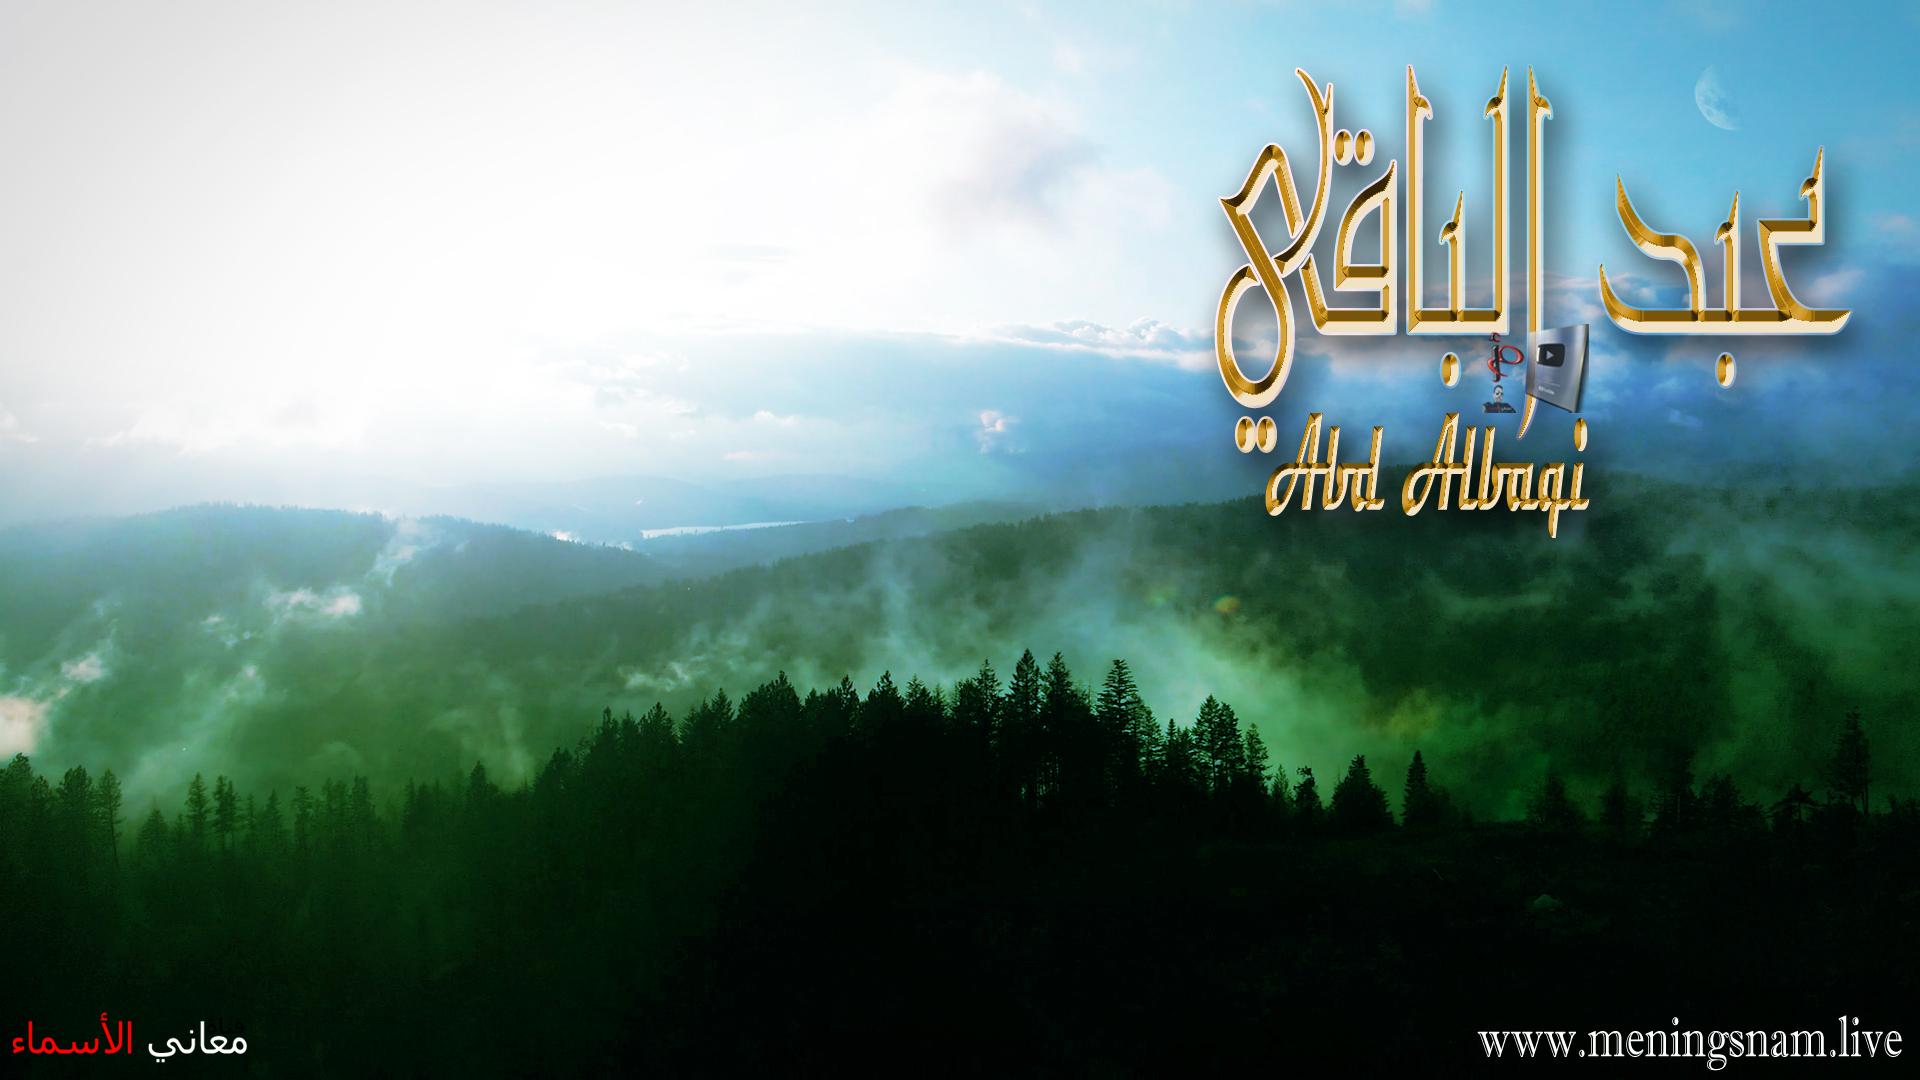 معنى اسم عبد الباقي وصفات حامل هذا الإسم Abd Albaqi